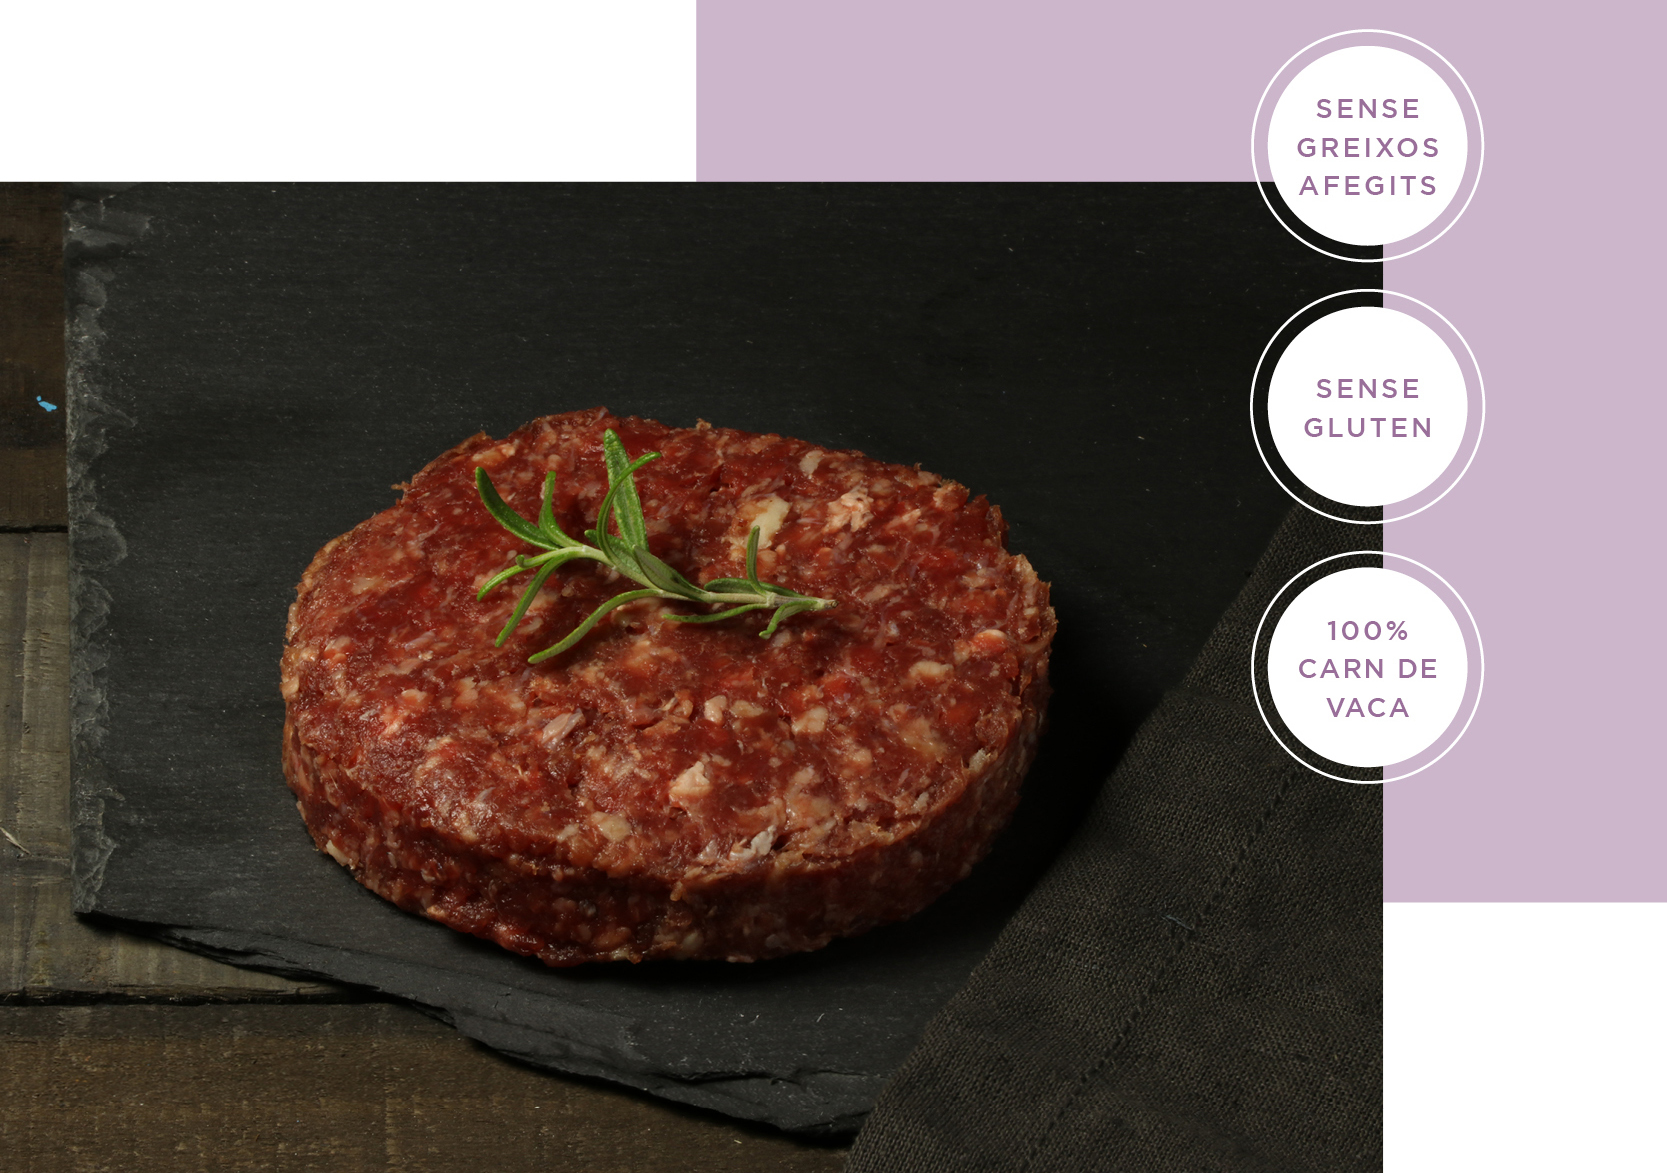 laselecta_hamburguesa.jpg